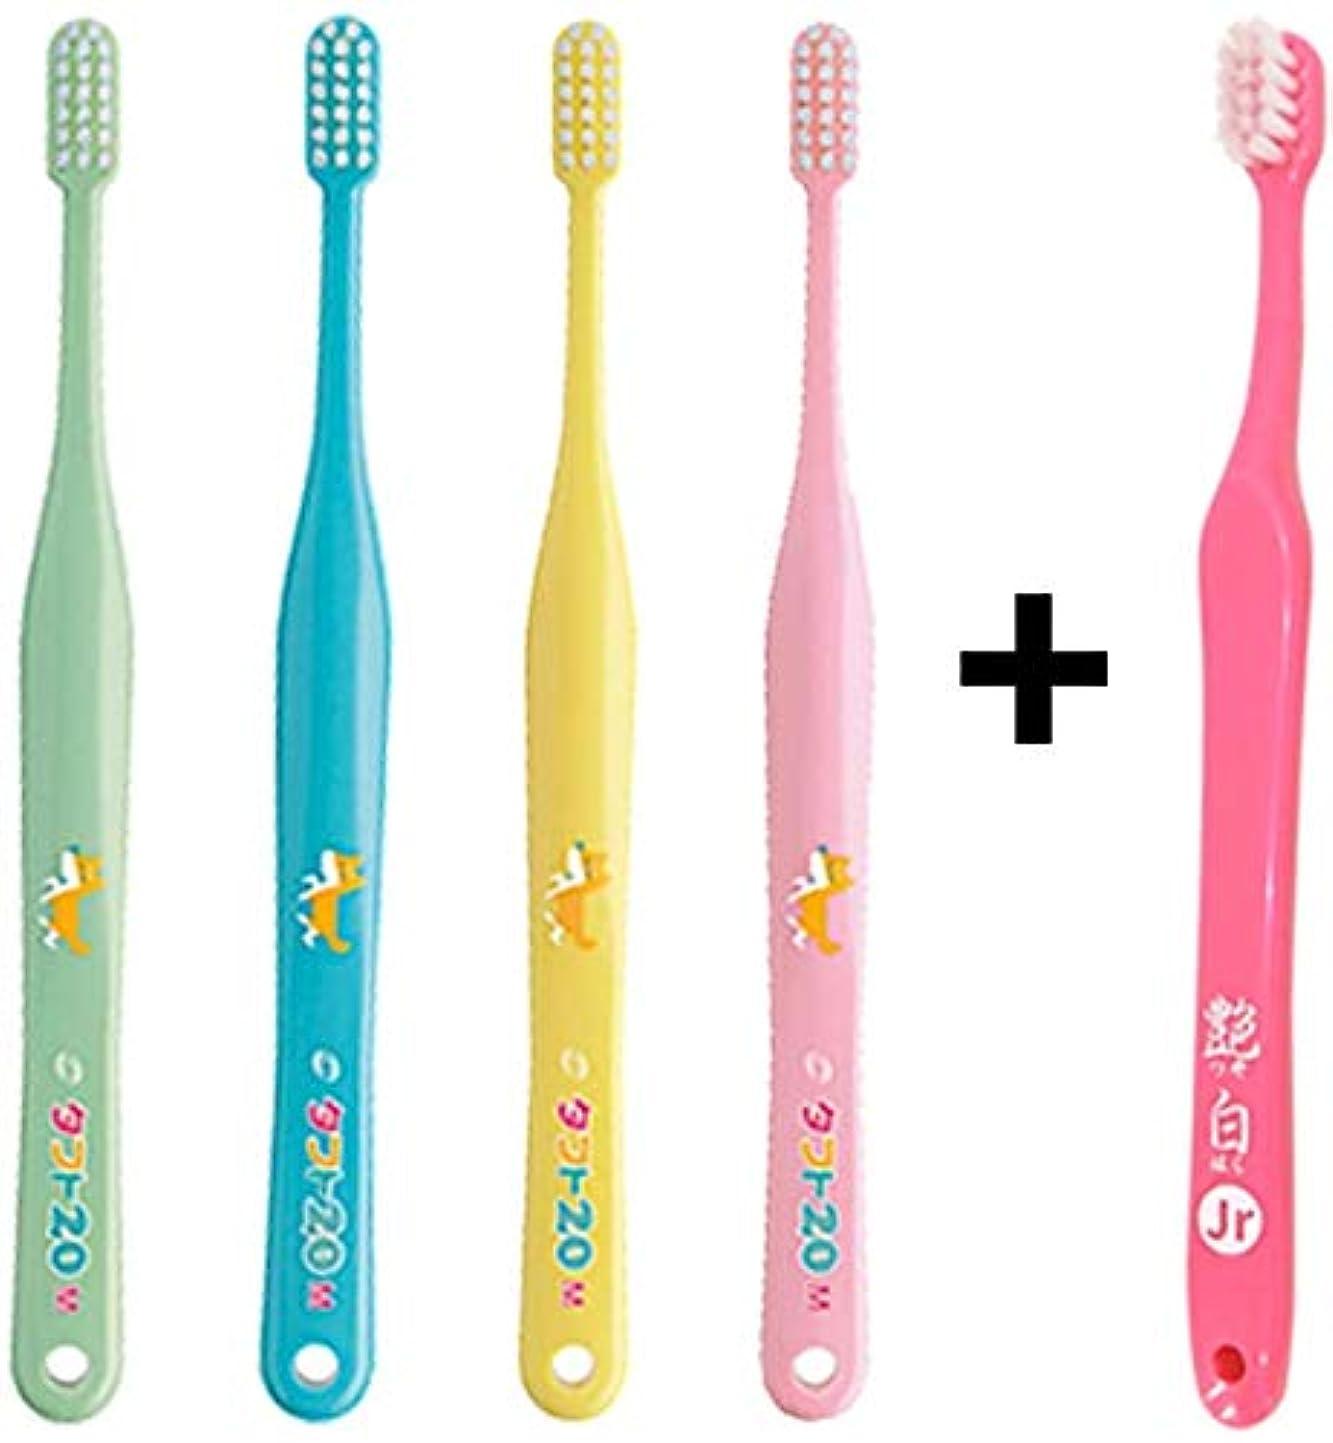 速記散歩ギネスタフト20 M(ふつう) こども 歯ブラシ×10本 + 艶白(つやはく) Jr ジュニア ハブラシ×1本 MS(やややわらかめ) 日本製 歯科専売品